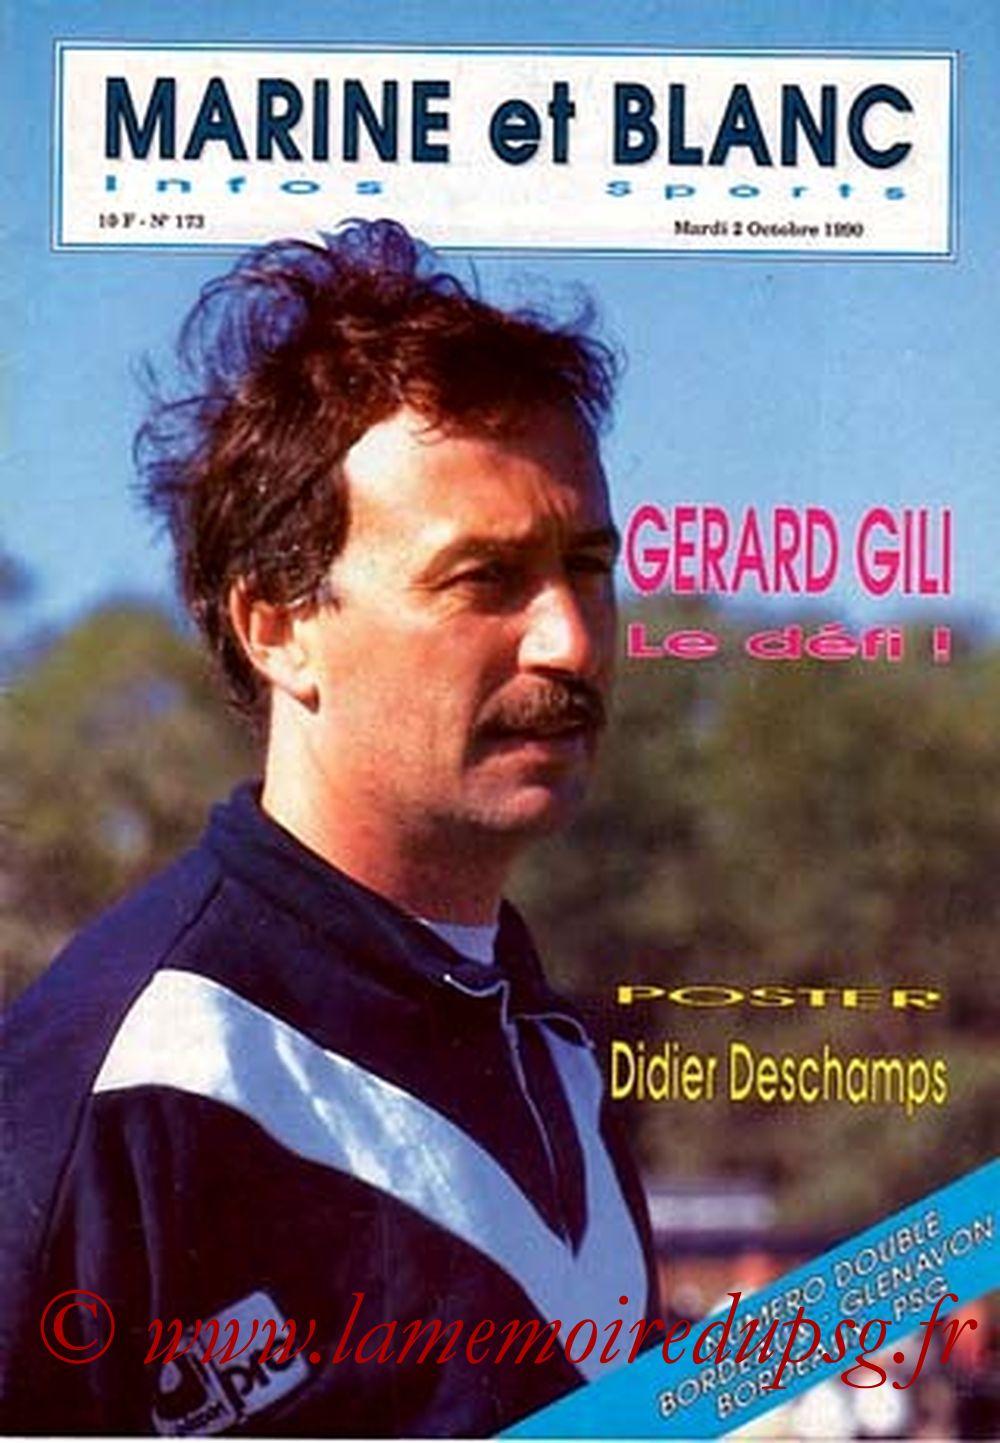 1990-10-06  Bordeaux-PSG (12ème D1, Marine et Blanc N°173)